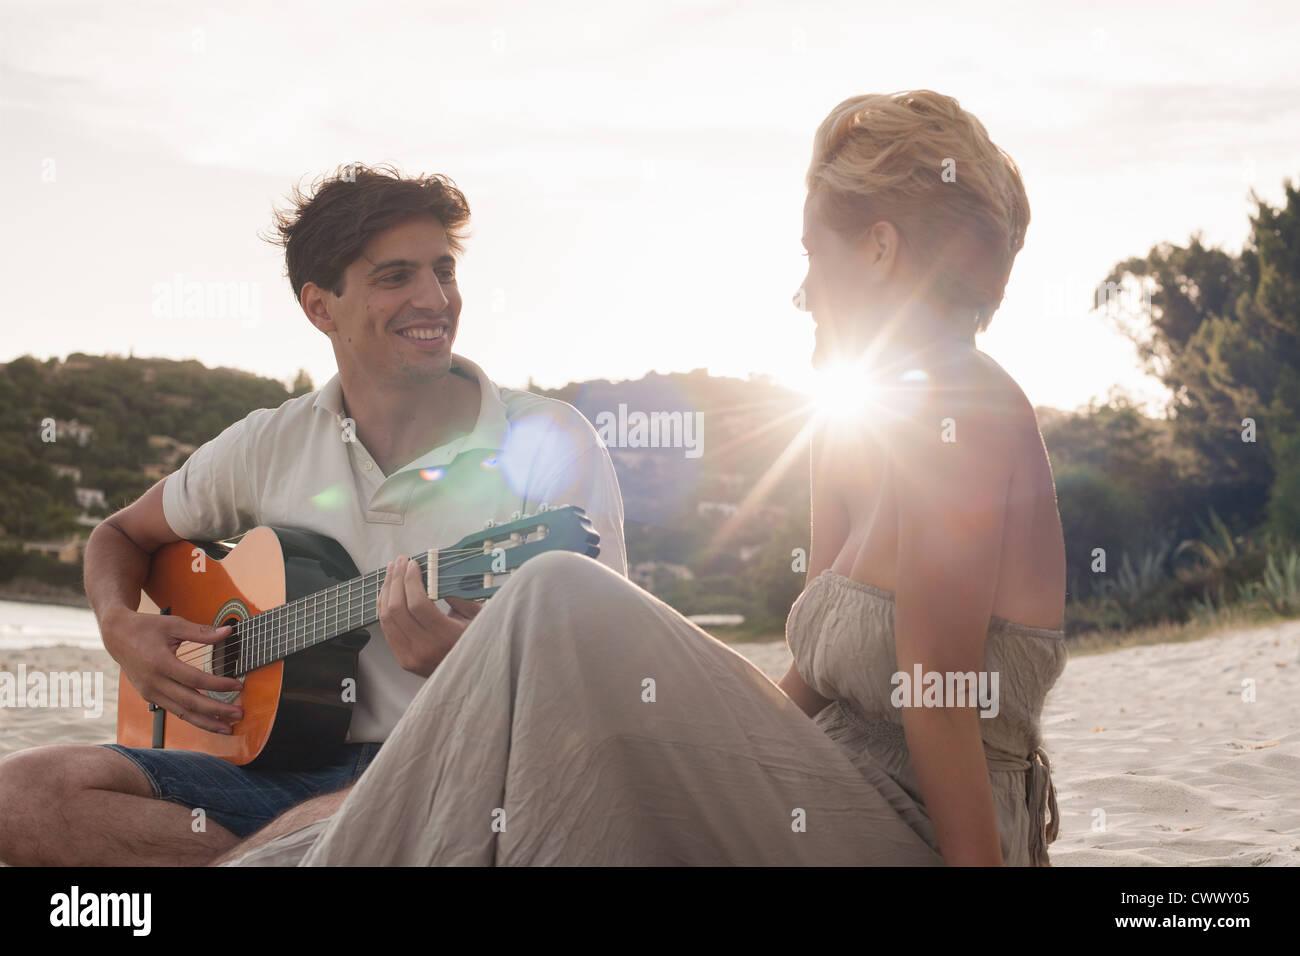 L'homme qui joue de la guitare pour l'amie Photo Stock